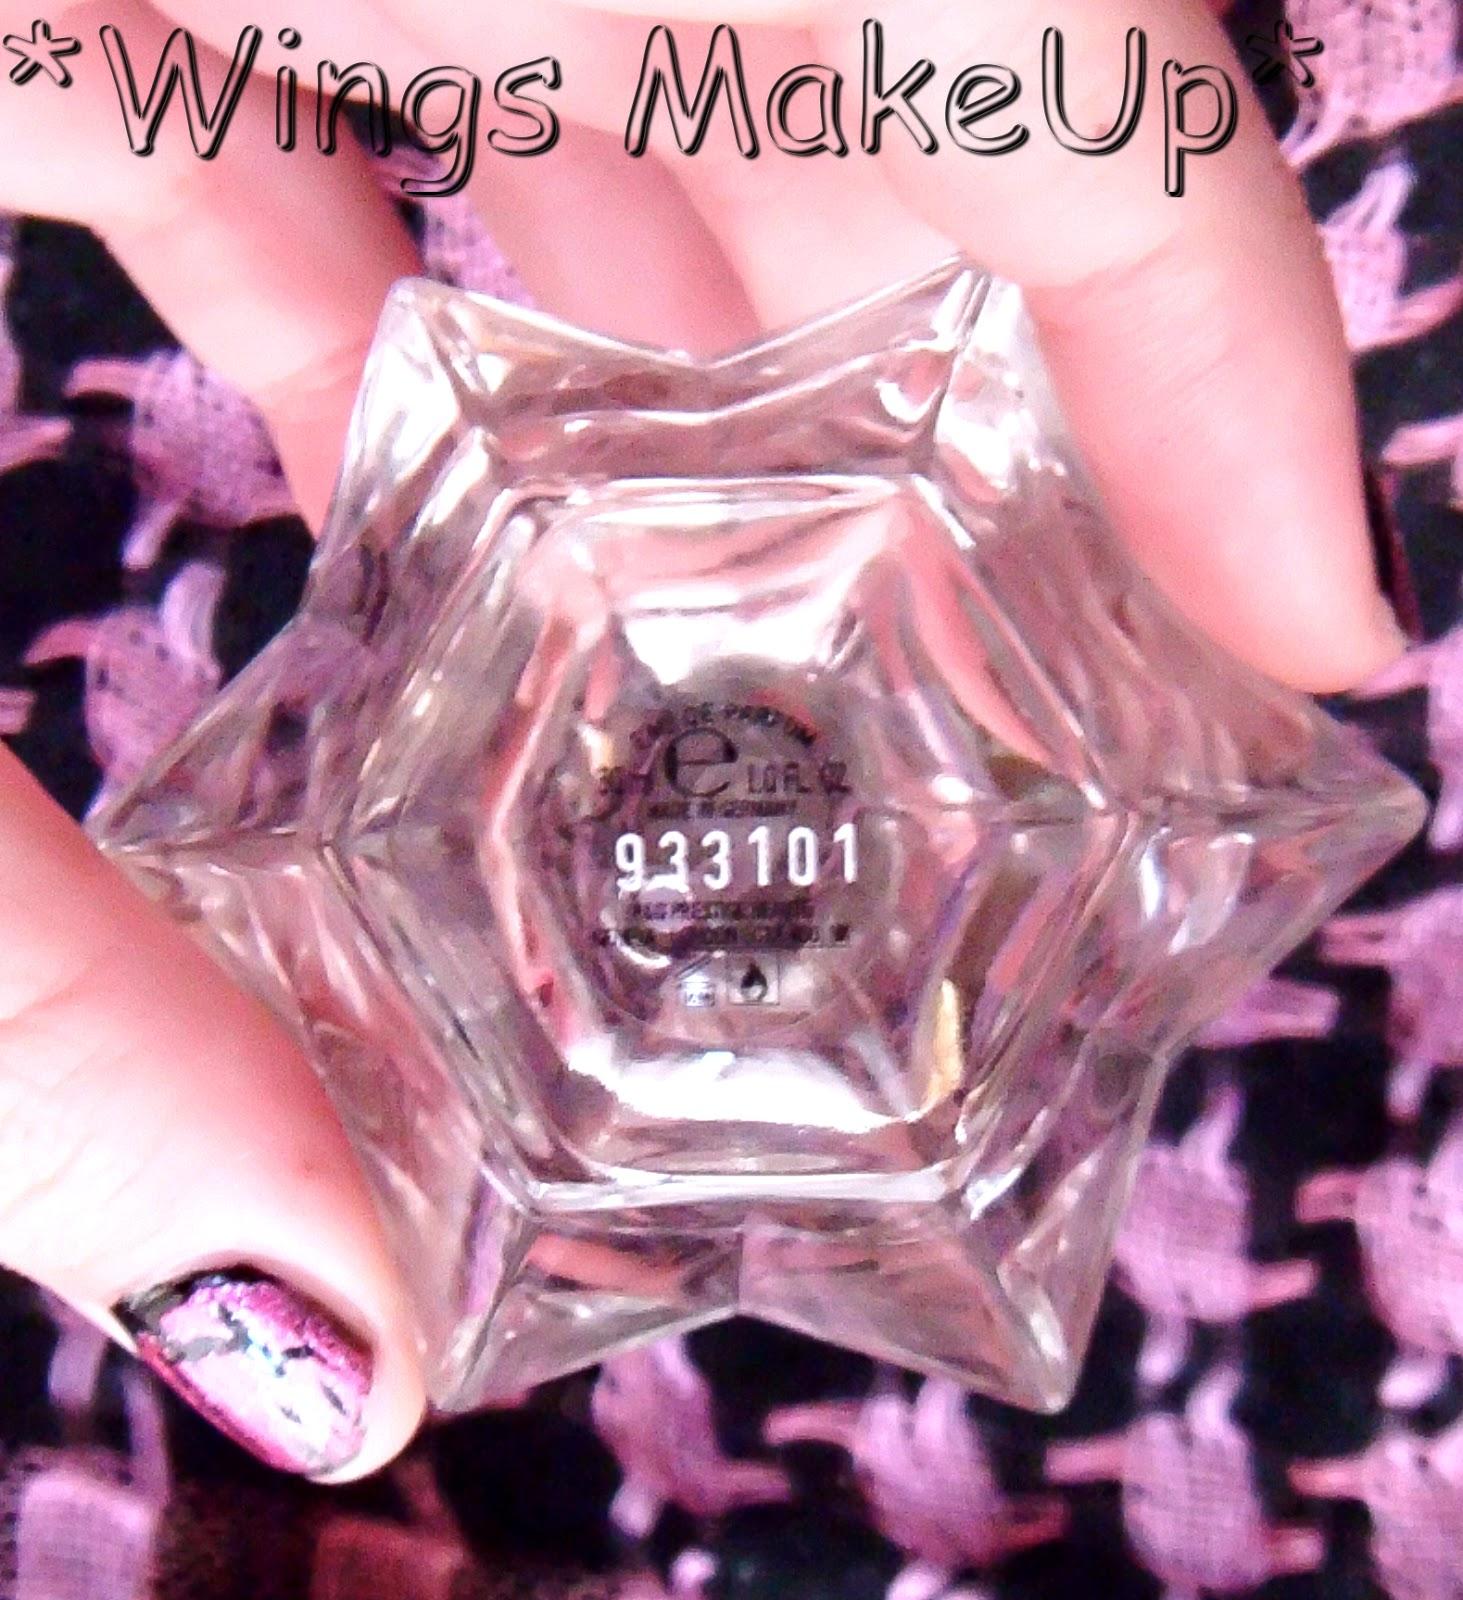 http://2.bp.blogspot.com/-0yRVWYy2WSU/UL96KmVeX3I/AAAAAAAAApM/gtznkhFWI08/s1600/blackstar10.JPG